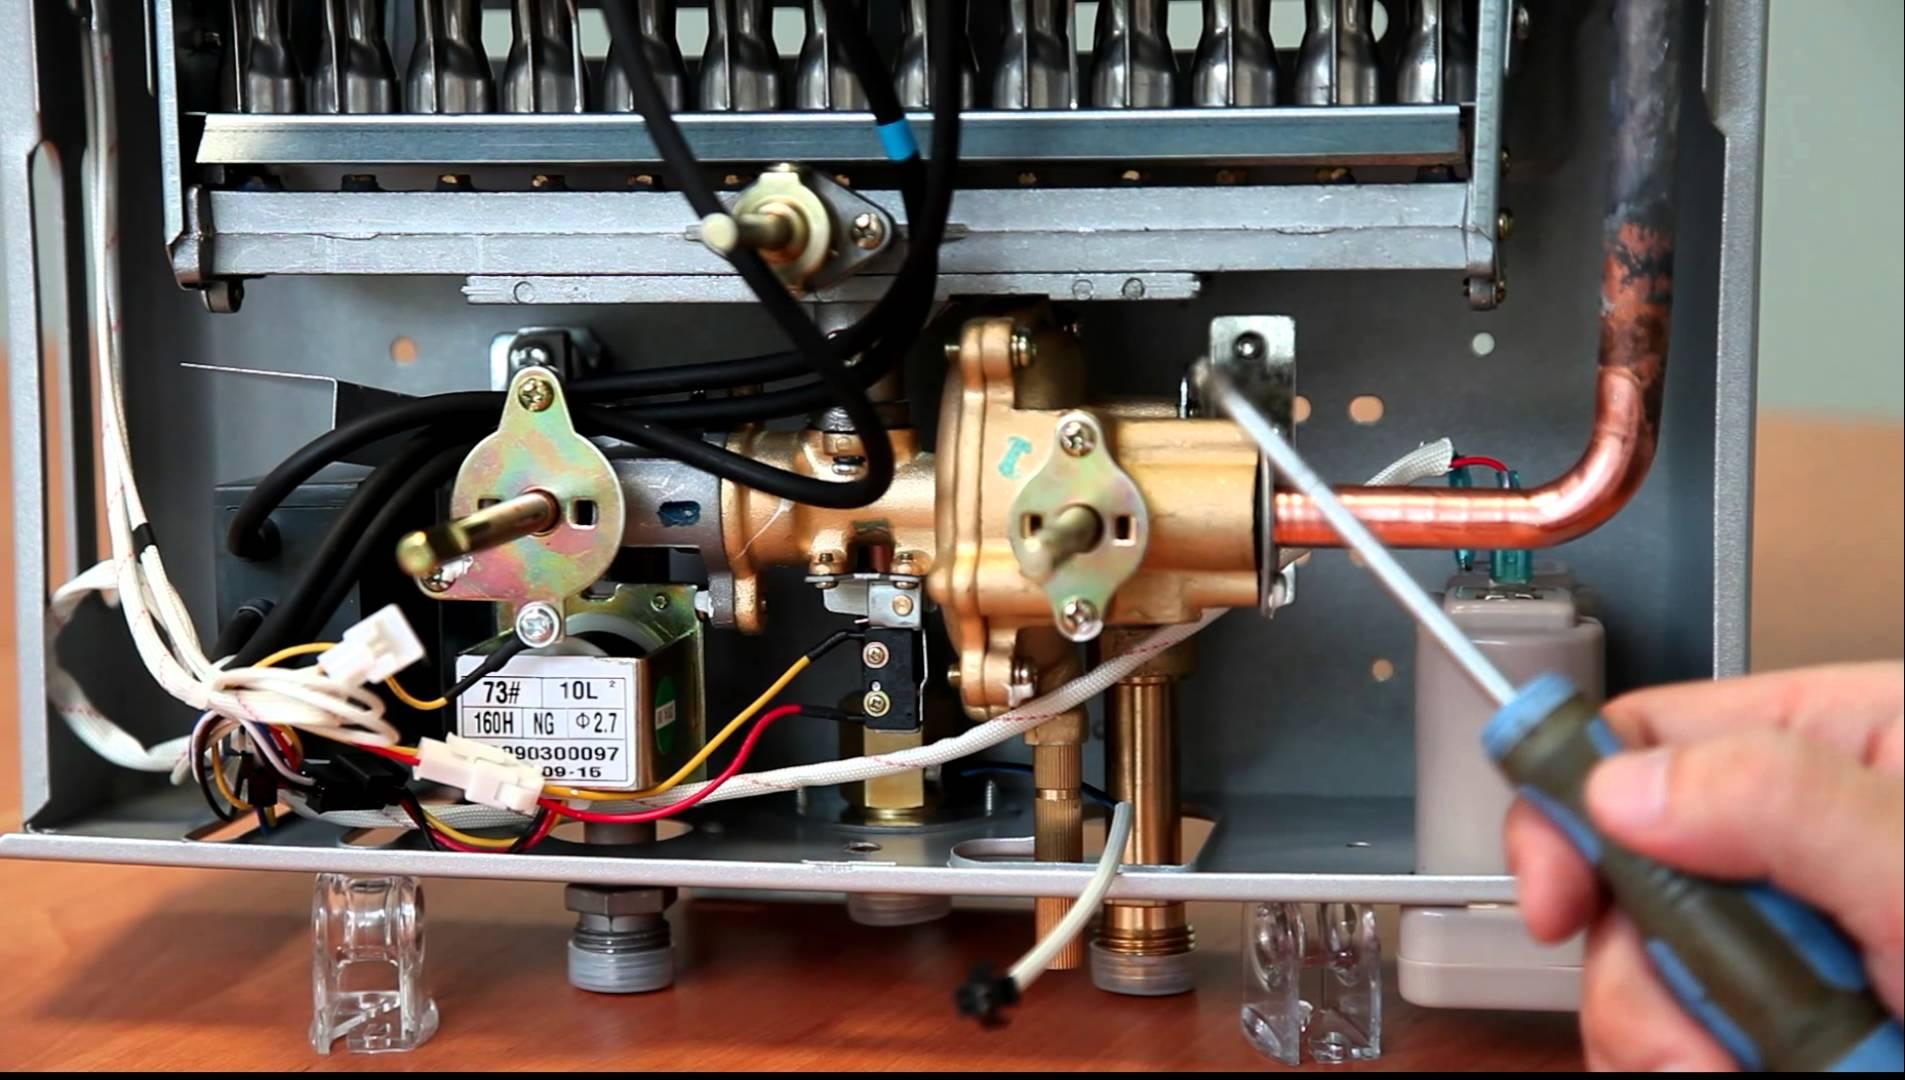 Газовая колонка астра ремонт своими руками видео фото 716